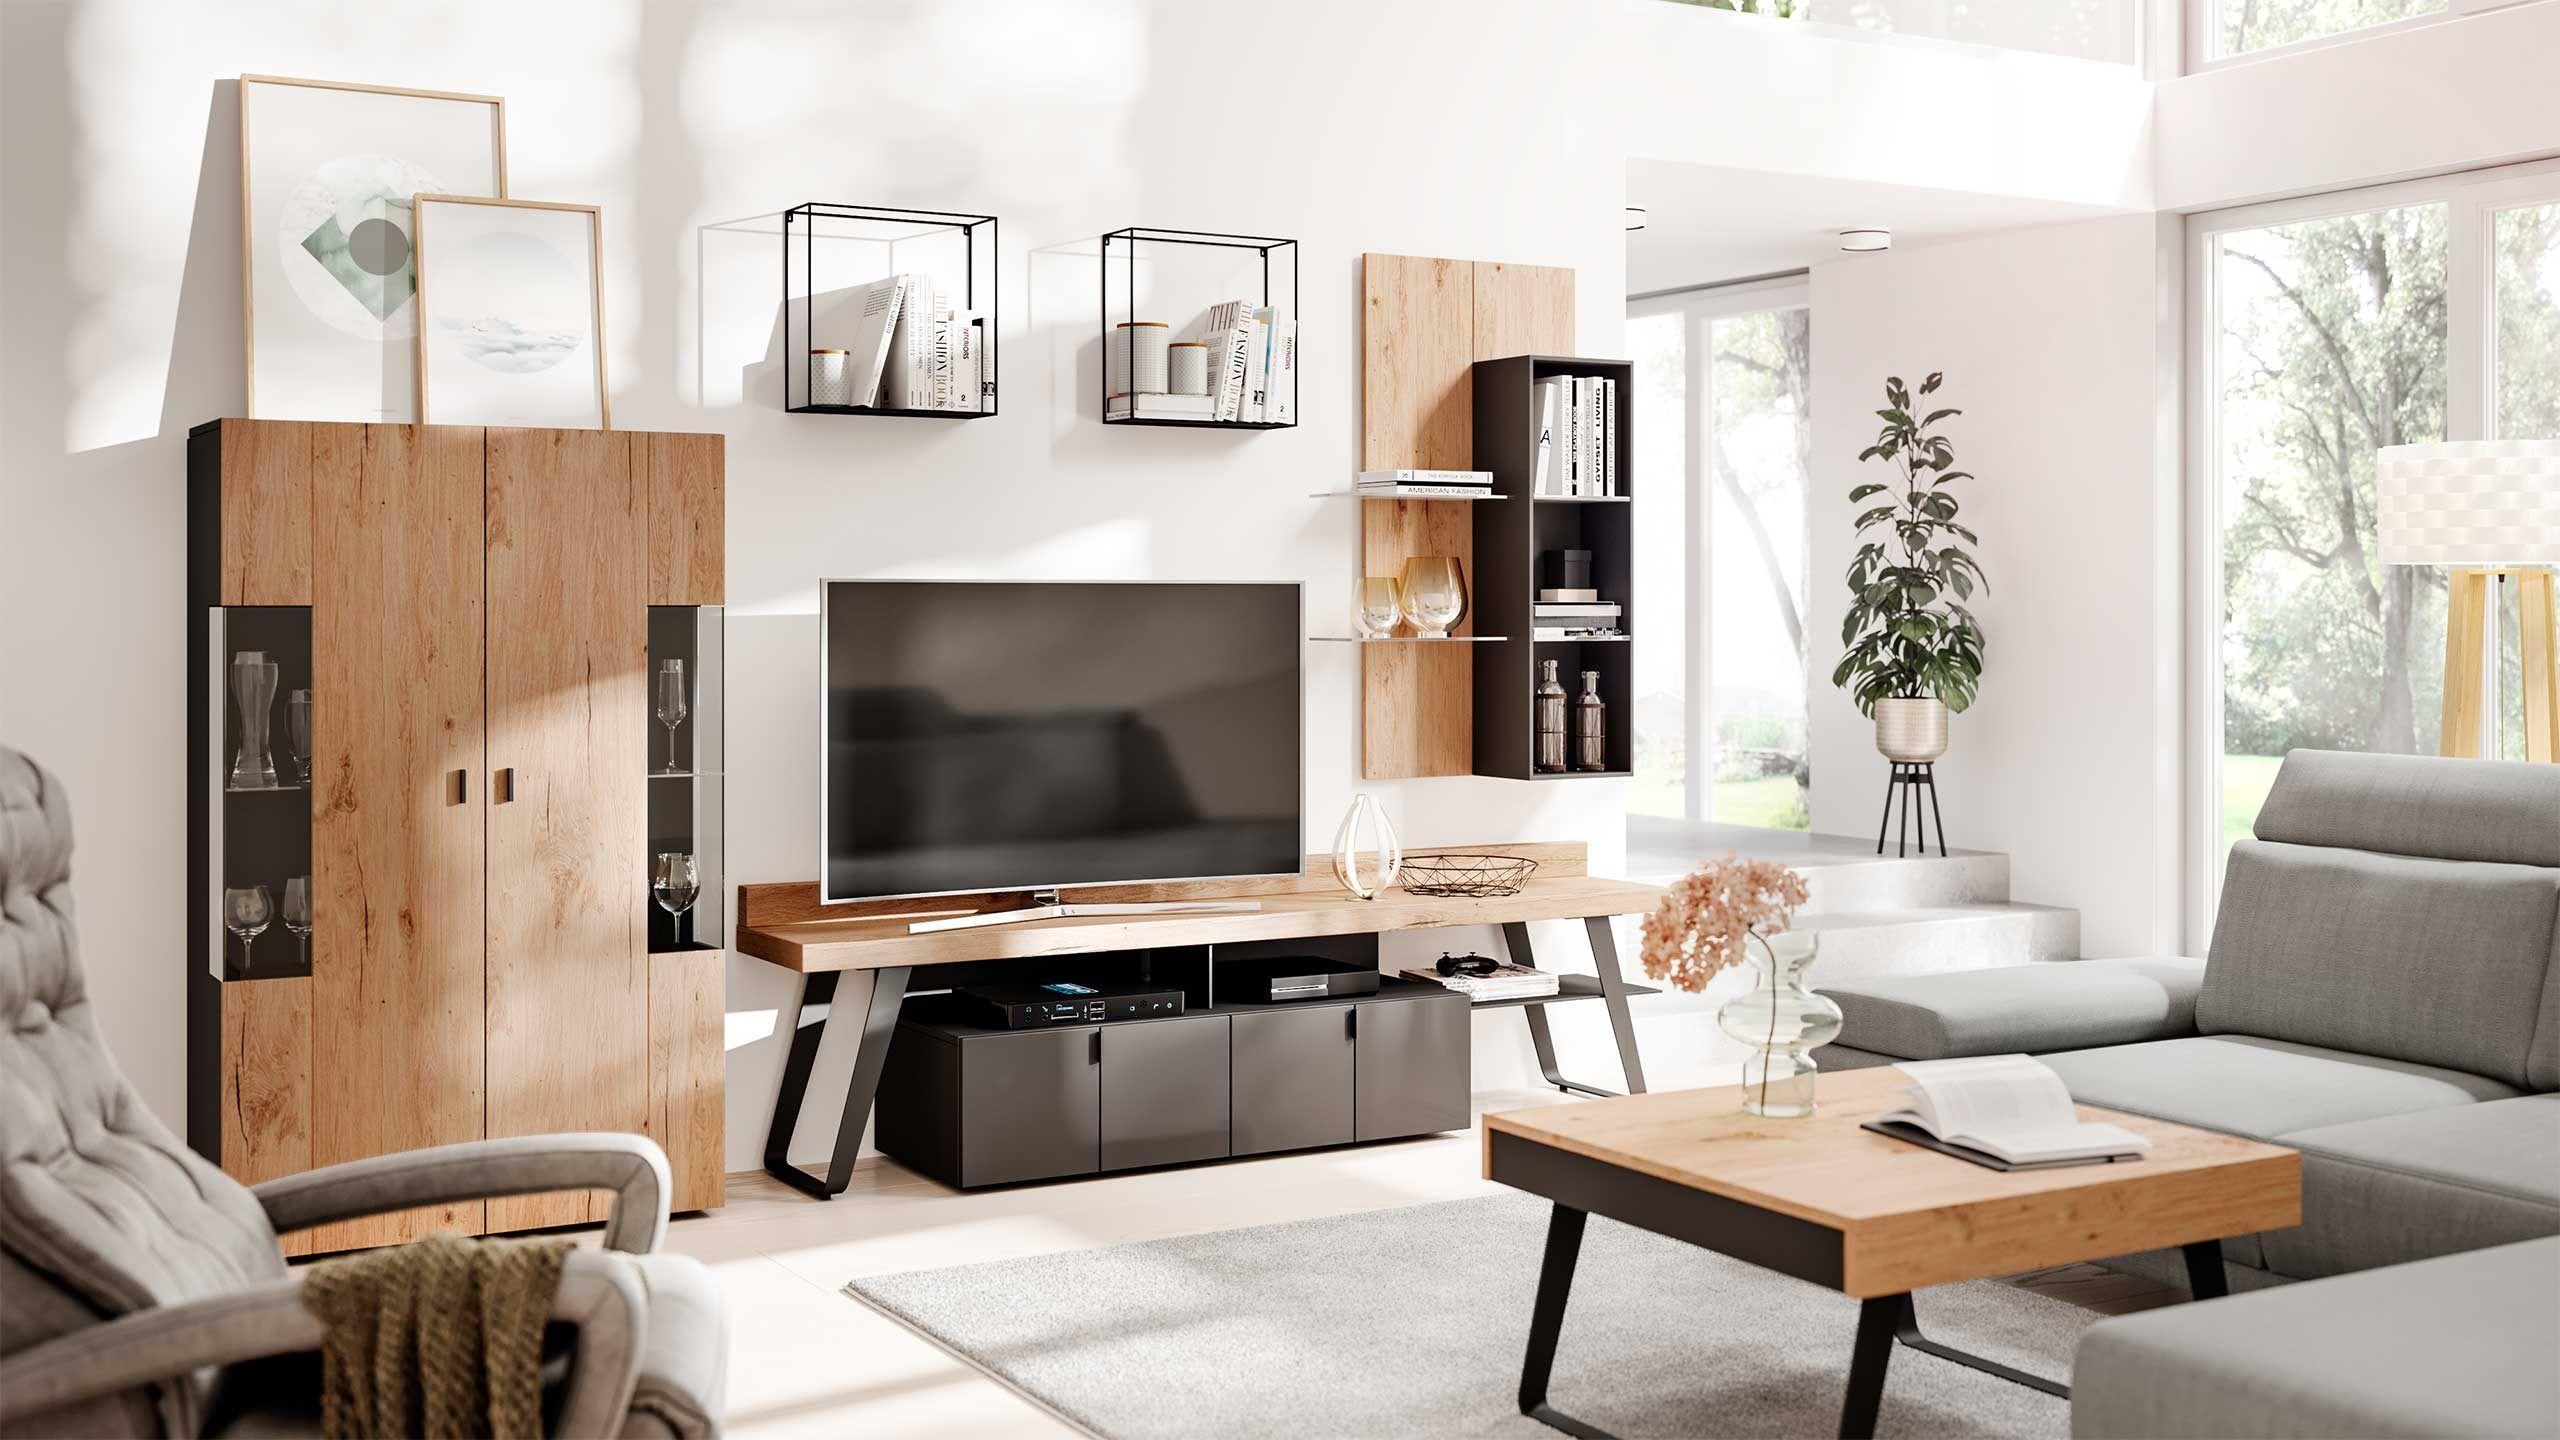 Interliving Wohnzimmer Serie 2105 Interliving In 2020 Wohnen Wohnzimmer Wohnwand